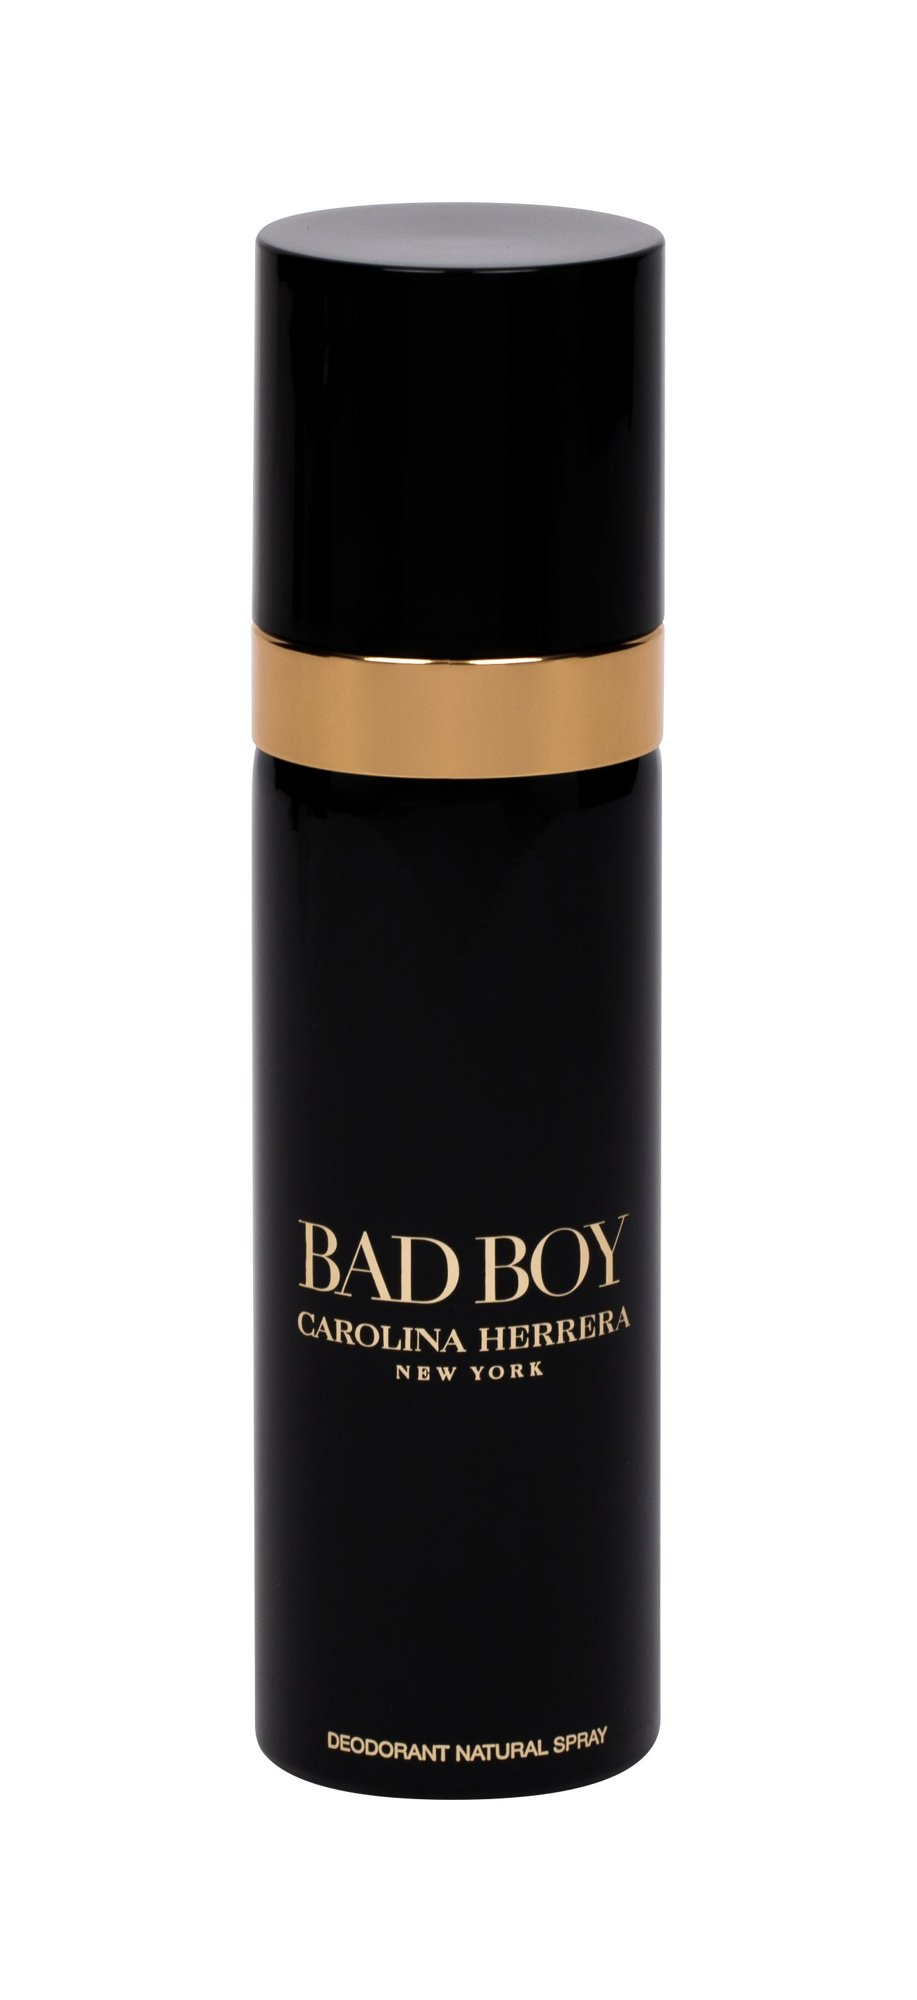 Carolina Herrera Bad Boy, Deodorant 100ml